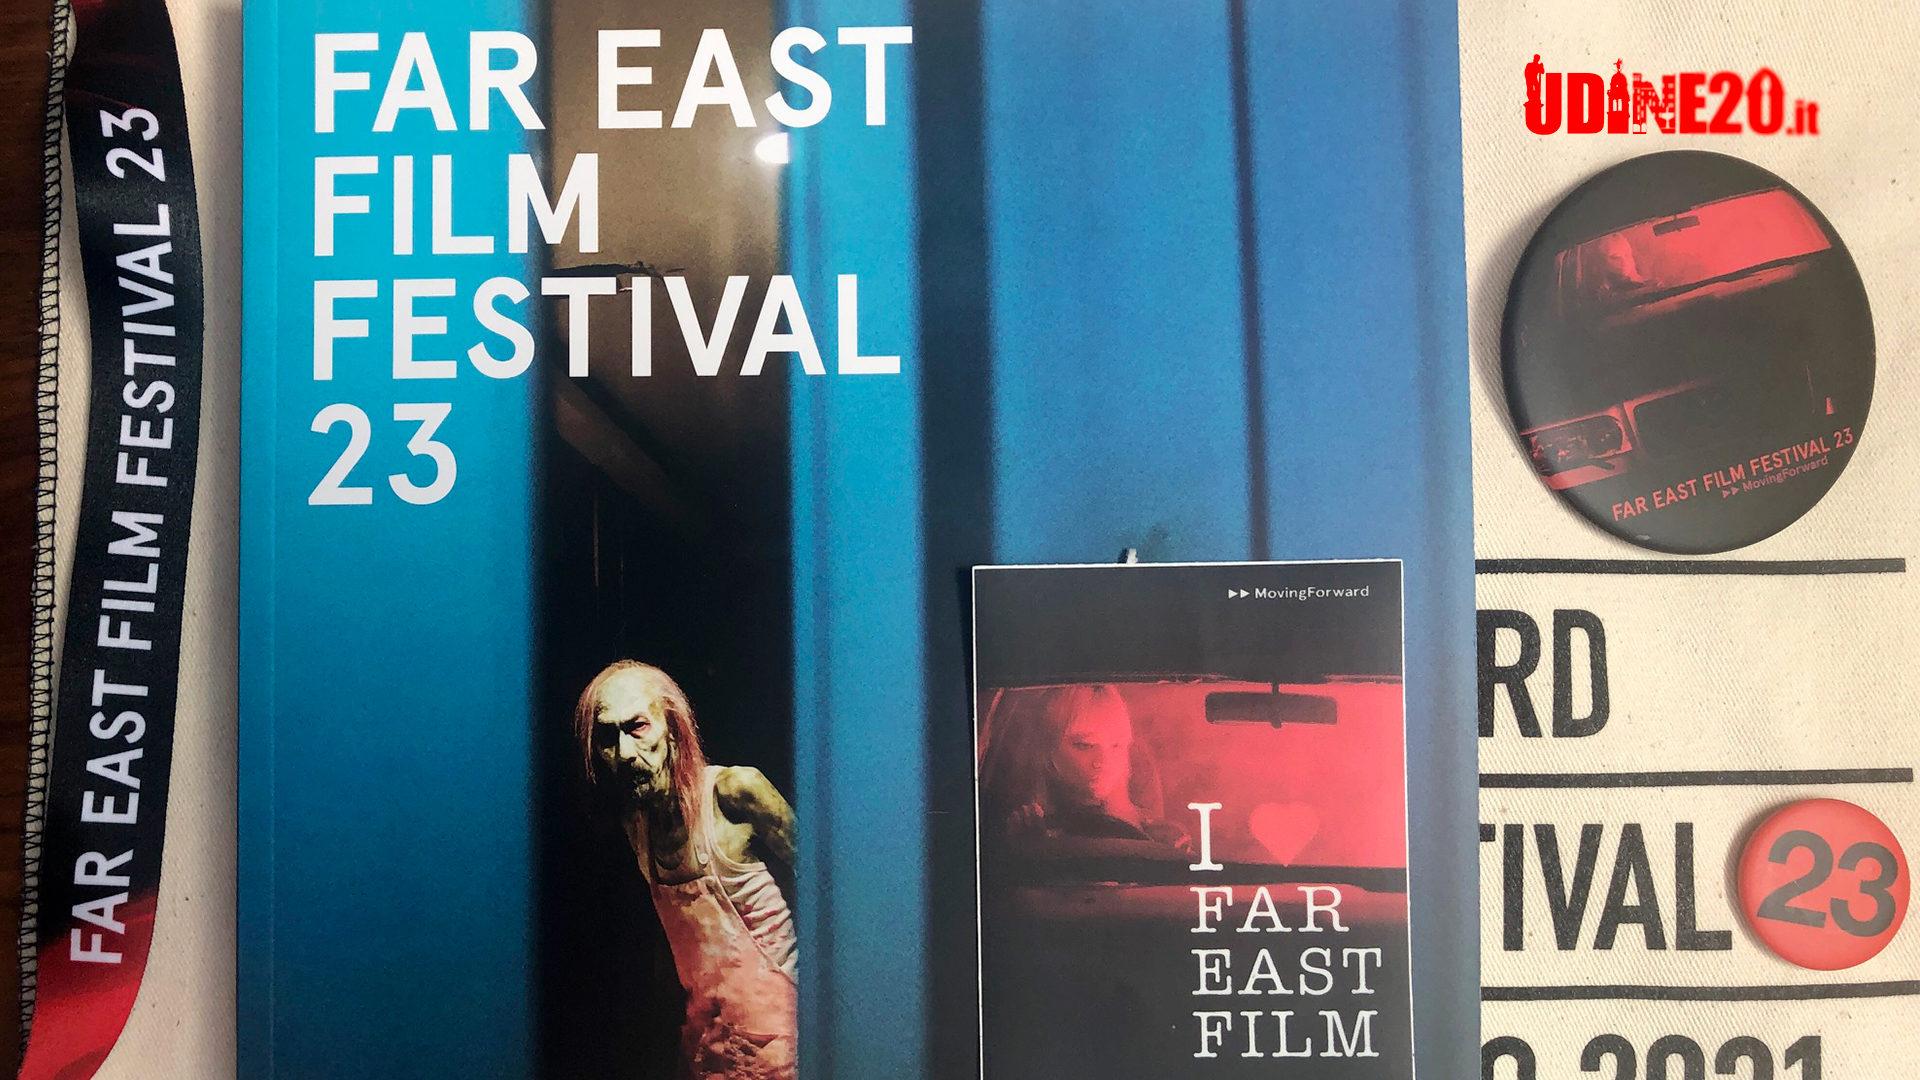 Far East Film Festival 23. Attenzione, contiene spoiler!